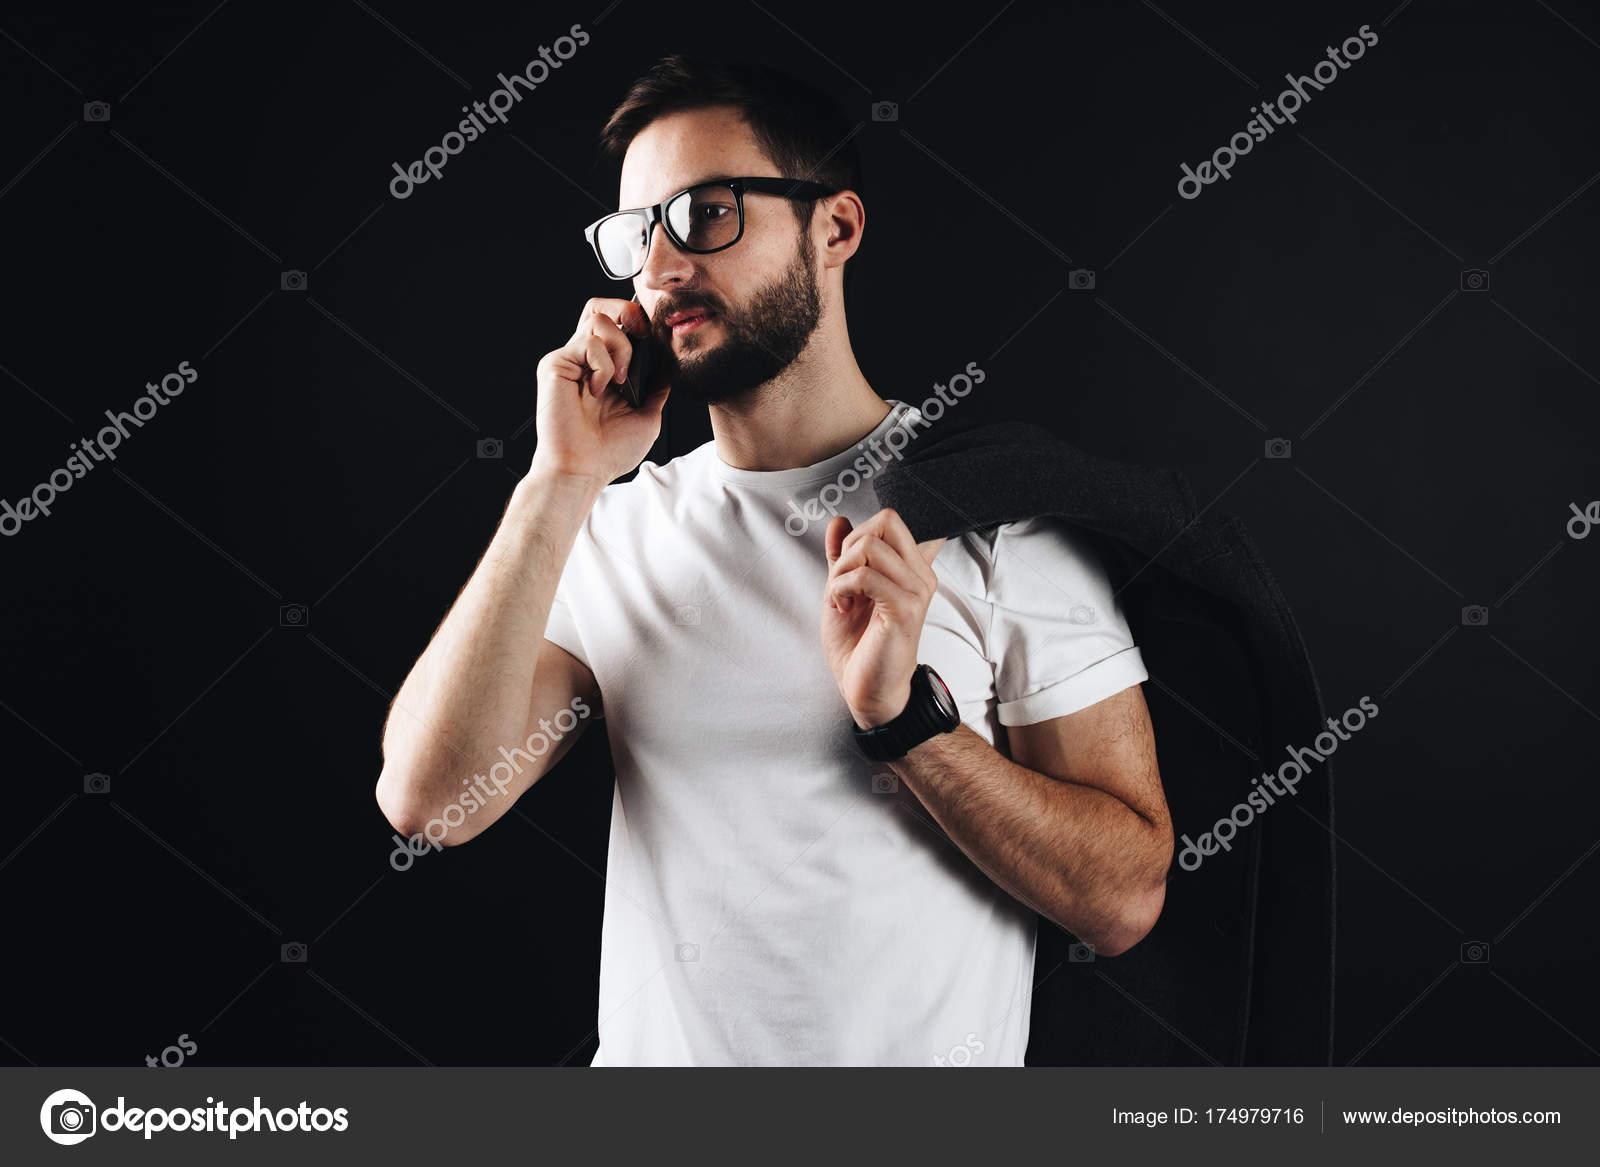 7807b3f6879e9 Joven pensativo había barbudo a empresario vistiendo blanco camiseta y  gafas. Hombre hablando por un teléfono inteligente y de pie en blanco camiseta  vacía ...